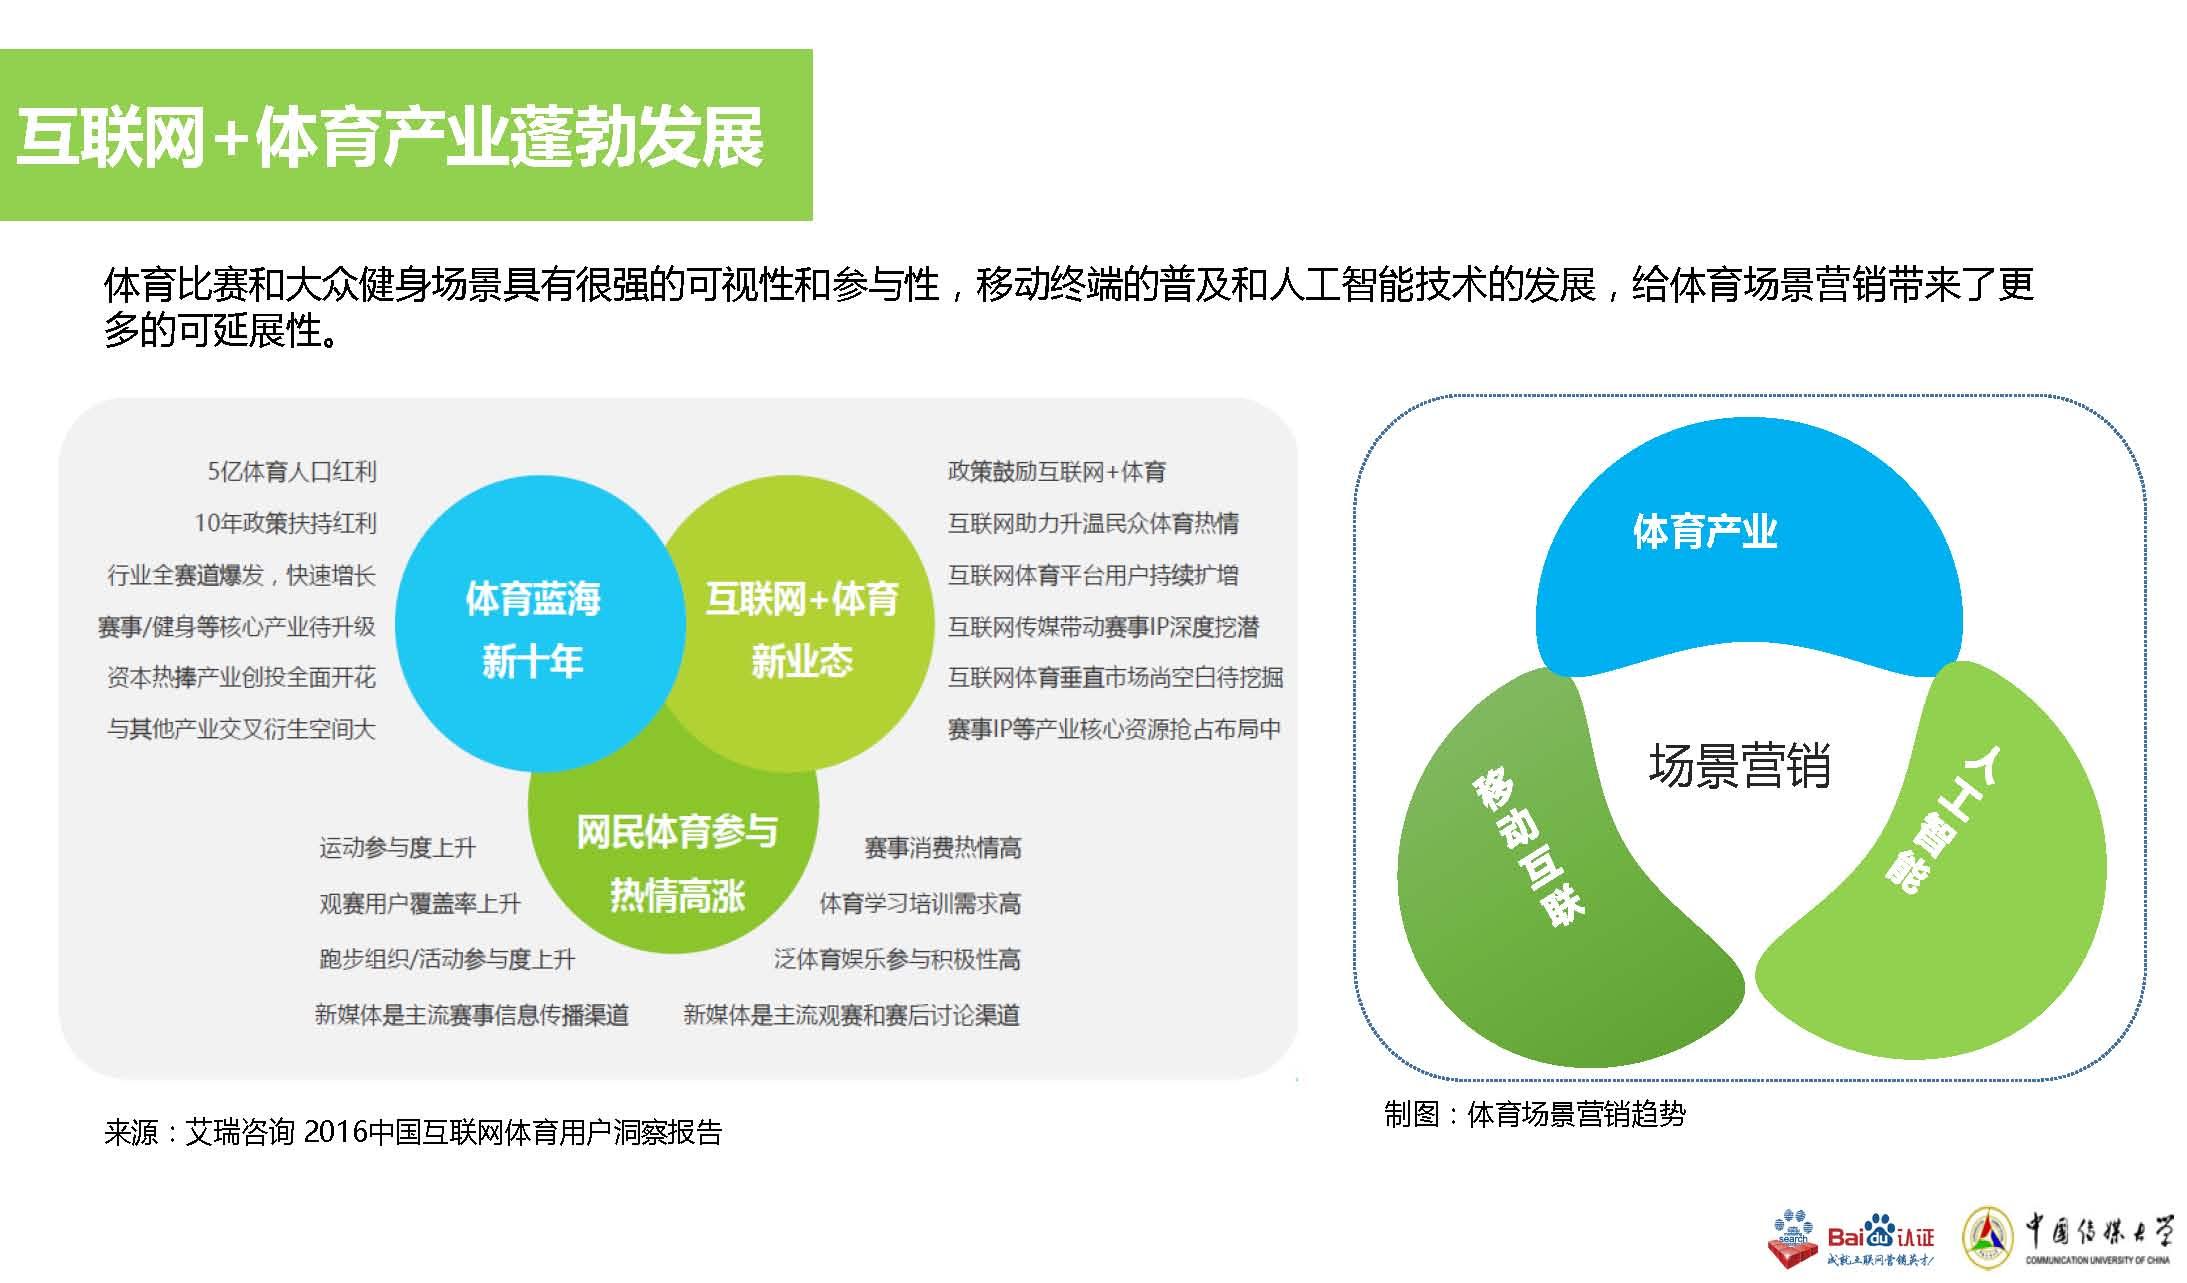 """""""互联网_""""视域中百度体育场景营销的模式创新_崔春虎_页面_05.jpg"""